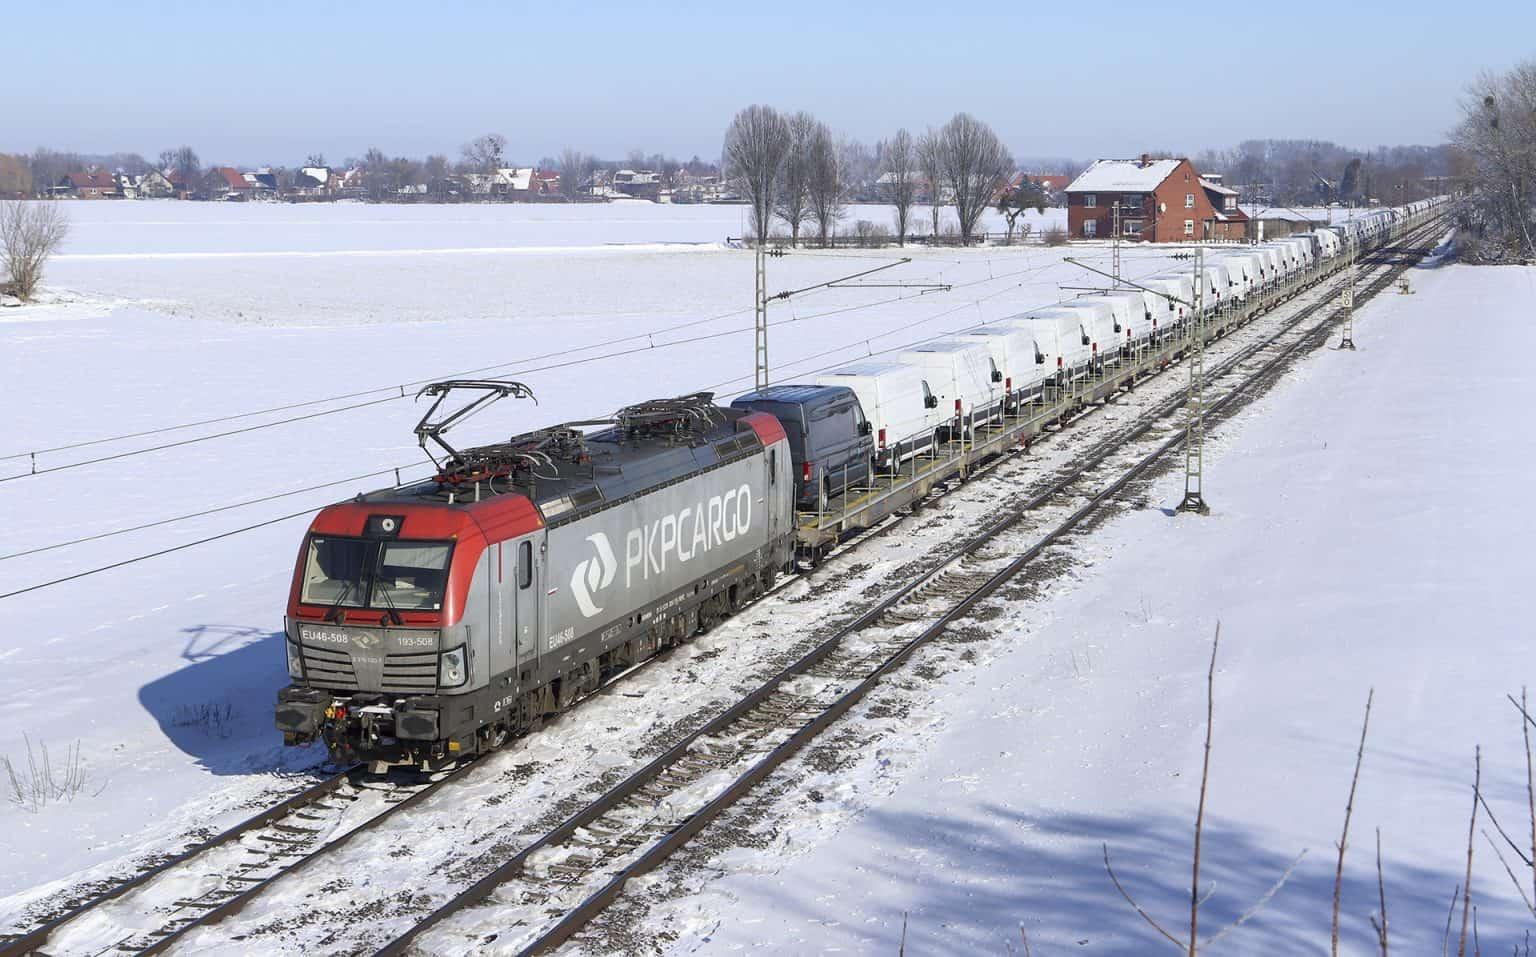 PKP Cargo 193 508 met VW Craftertrein naar Emden, Echtorf, buurtschap bij Seggebruch, 13-02-2021.-GF